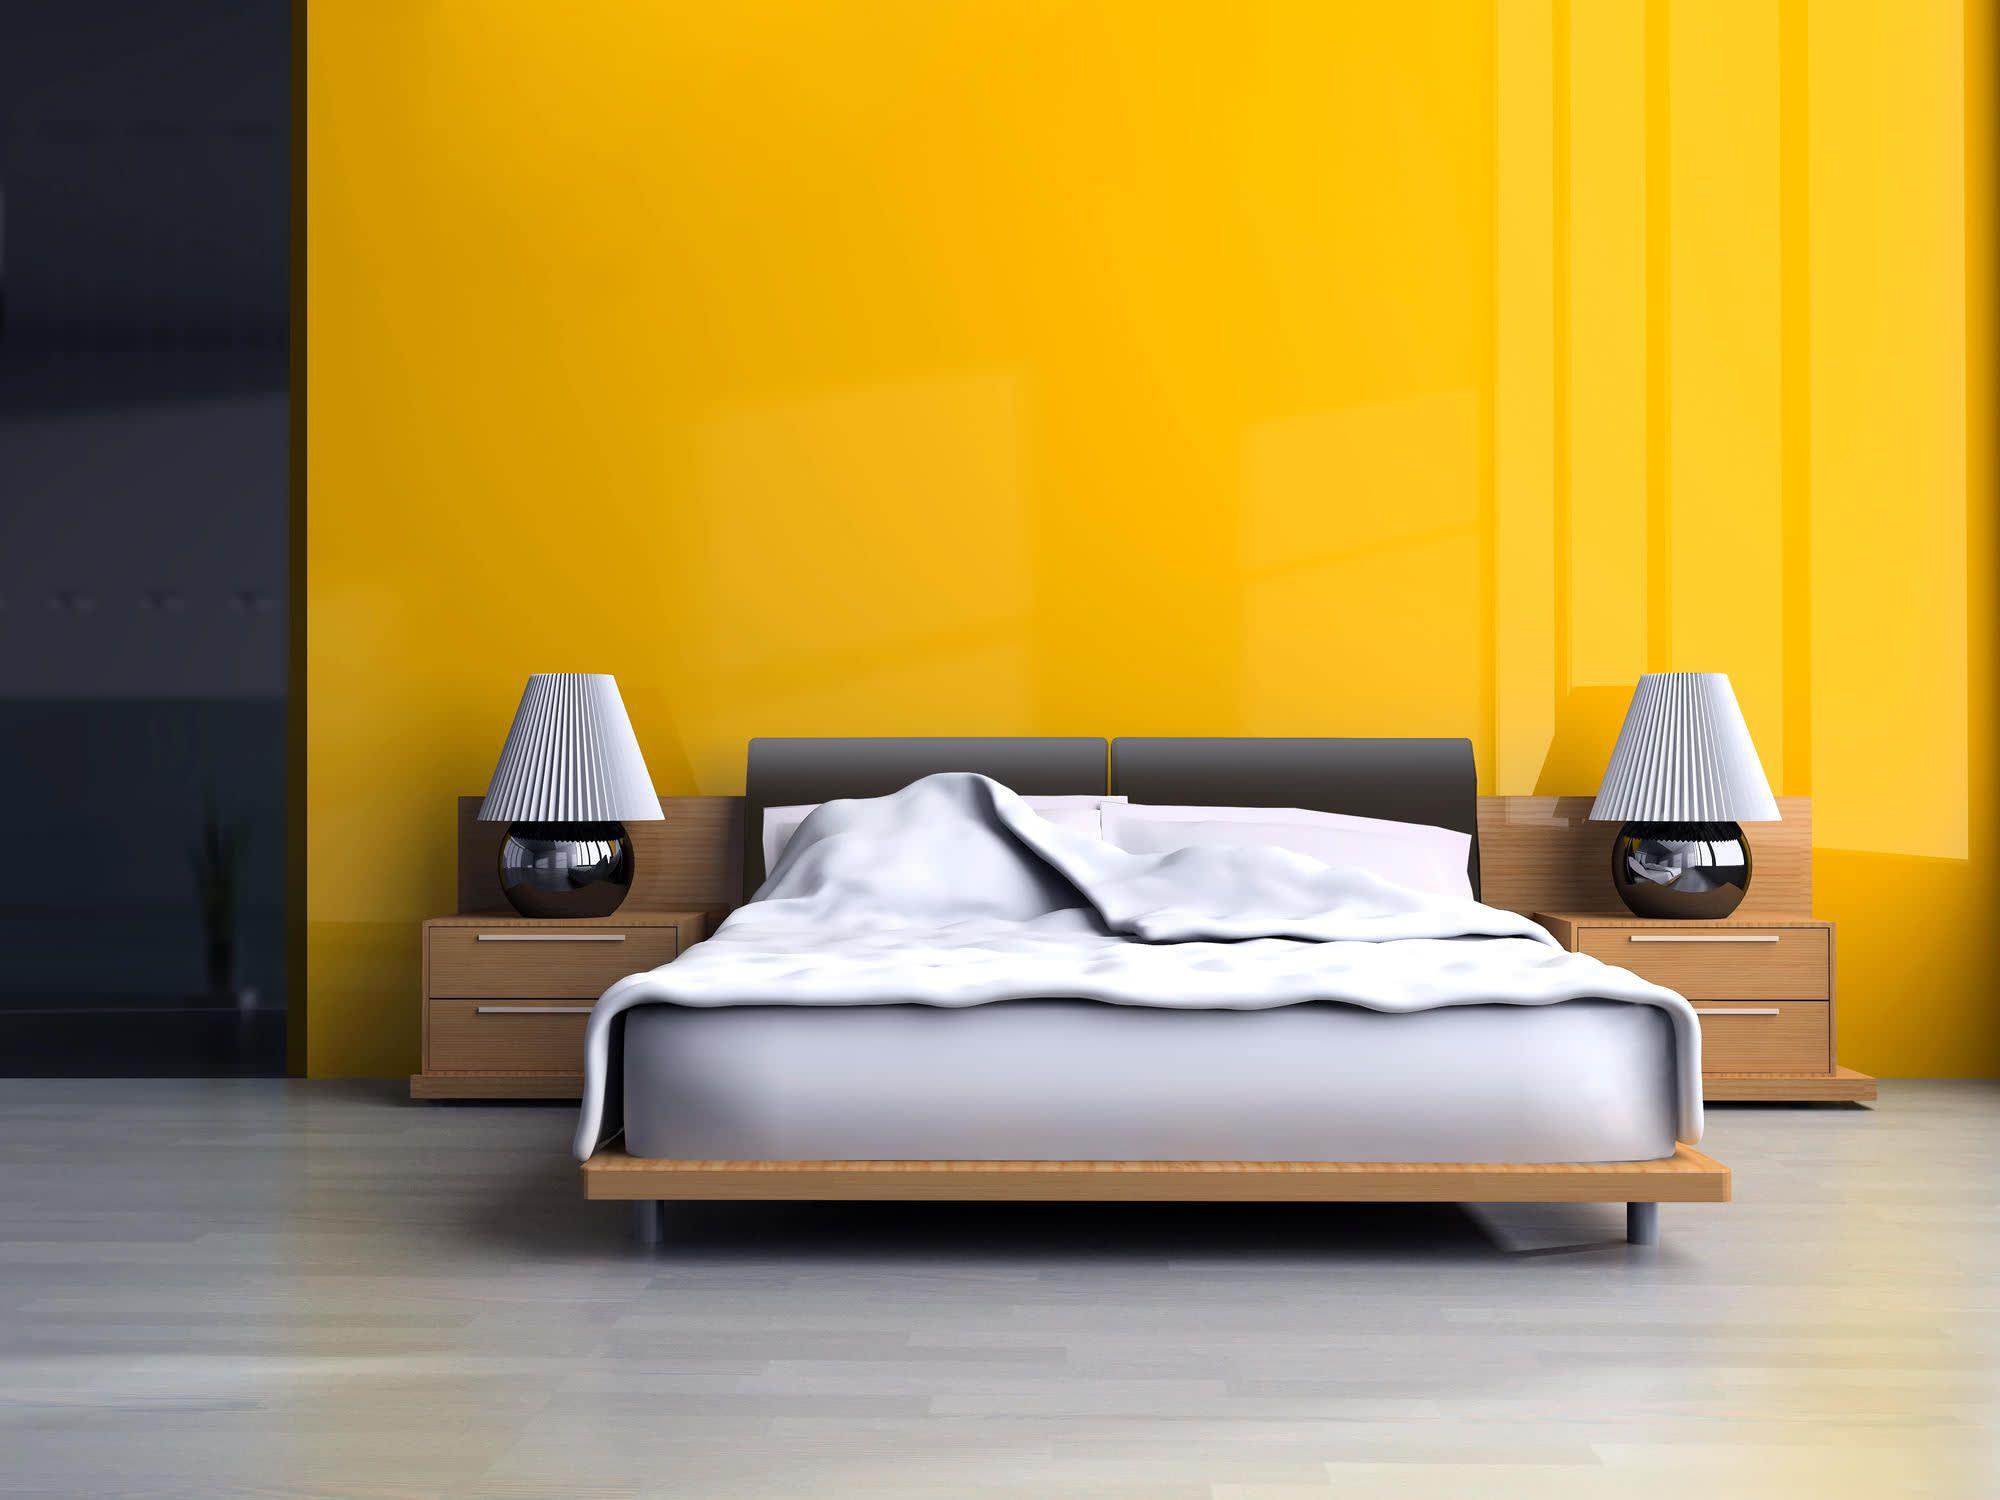 peinture jaune chambre à coucher